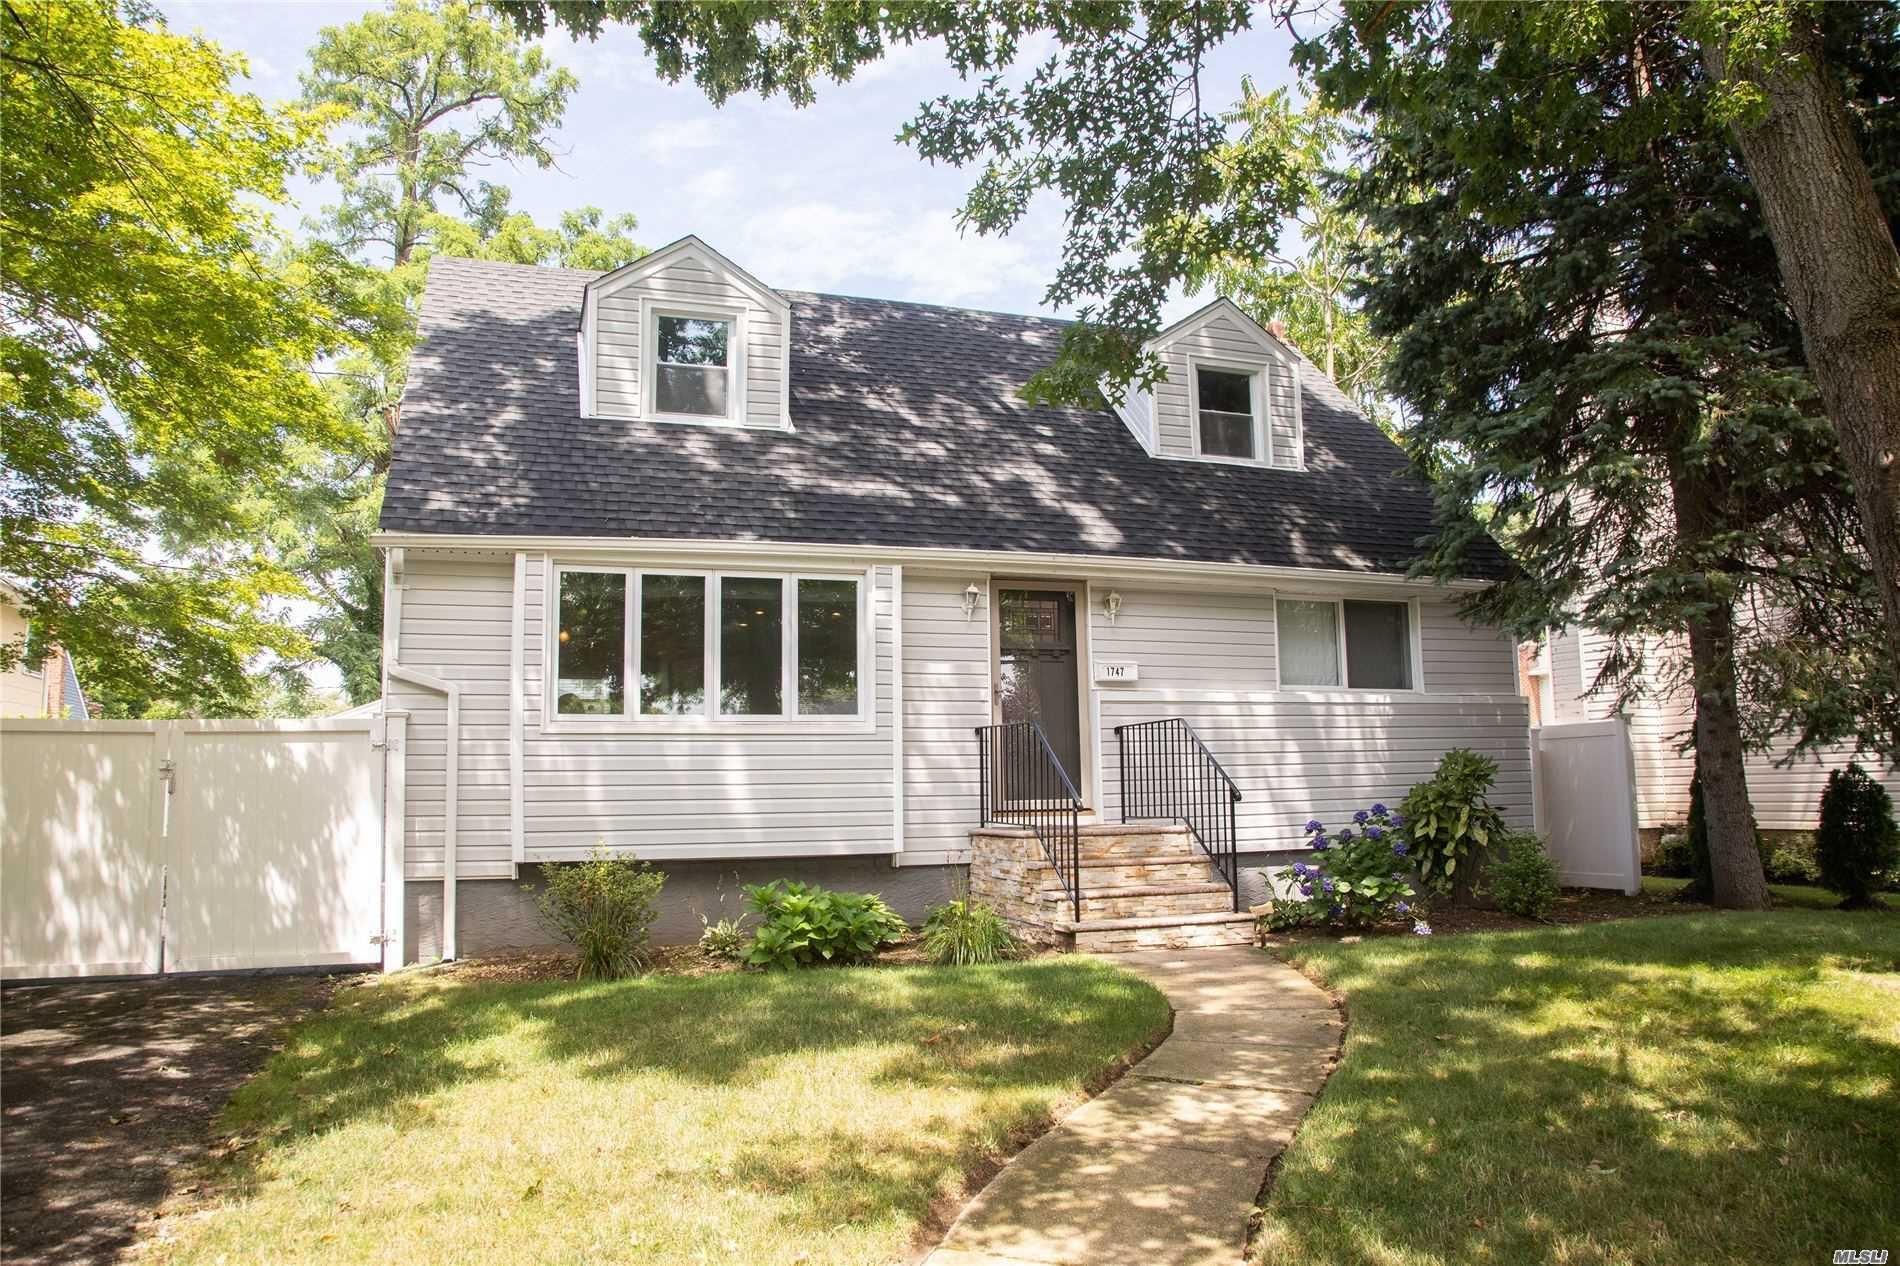 1747 Camp Ave, Merrick, NY 11566 - MLS#: 3236329